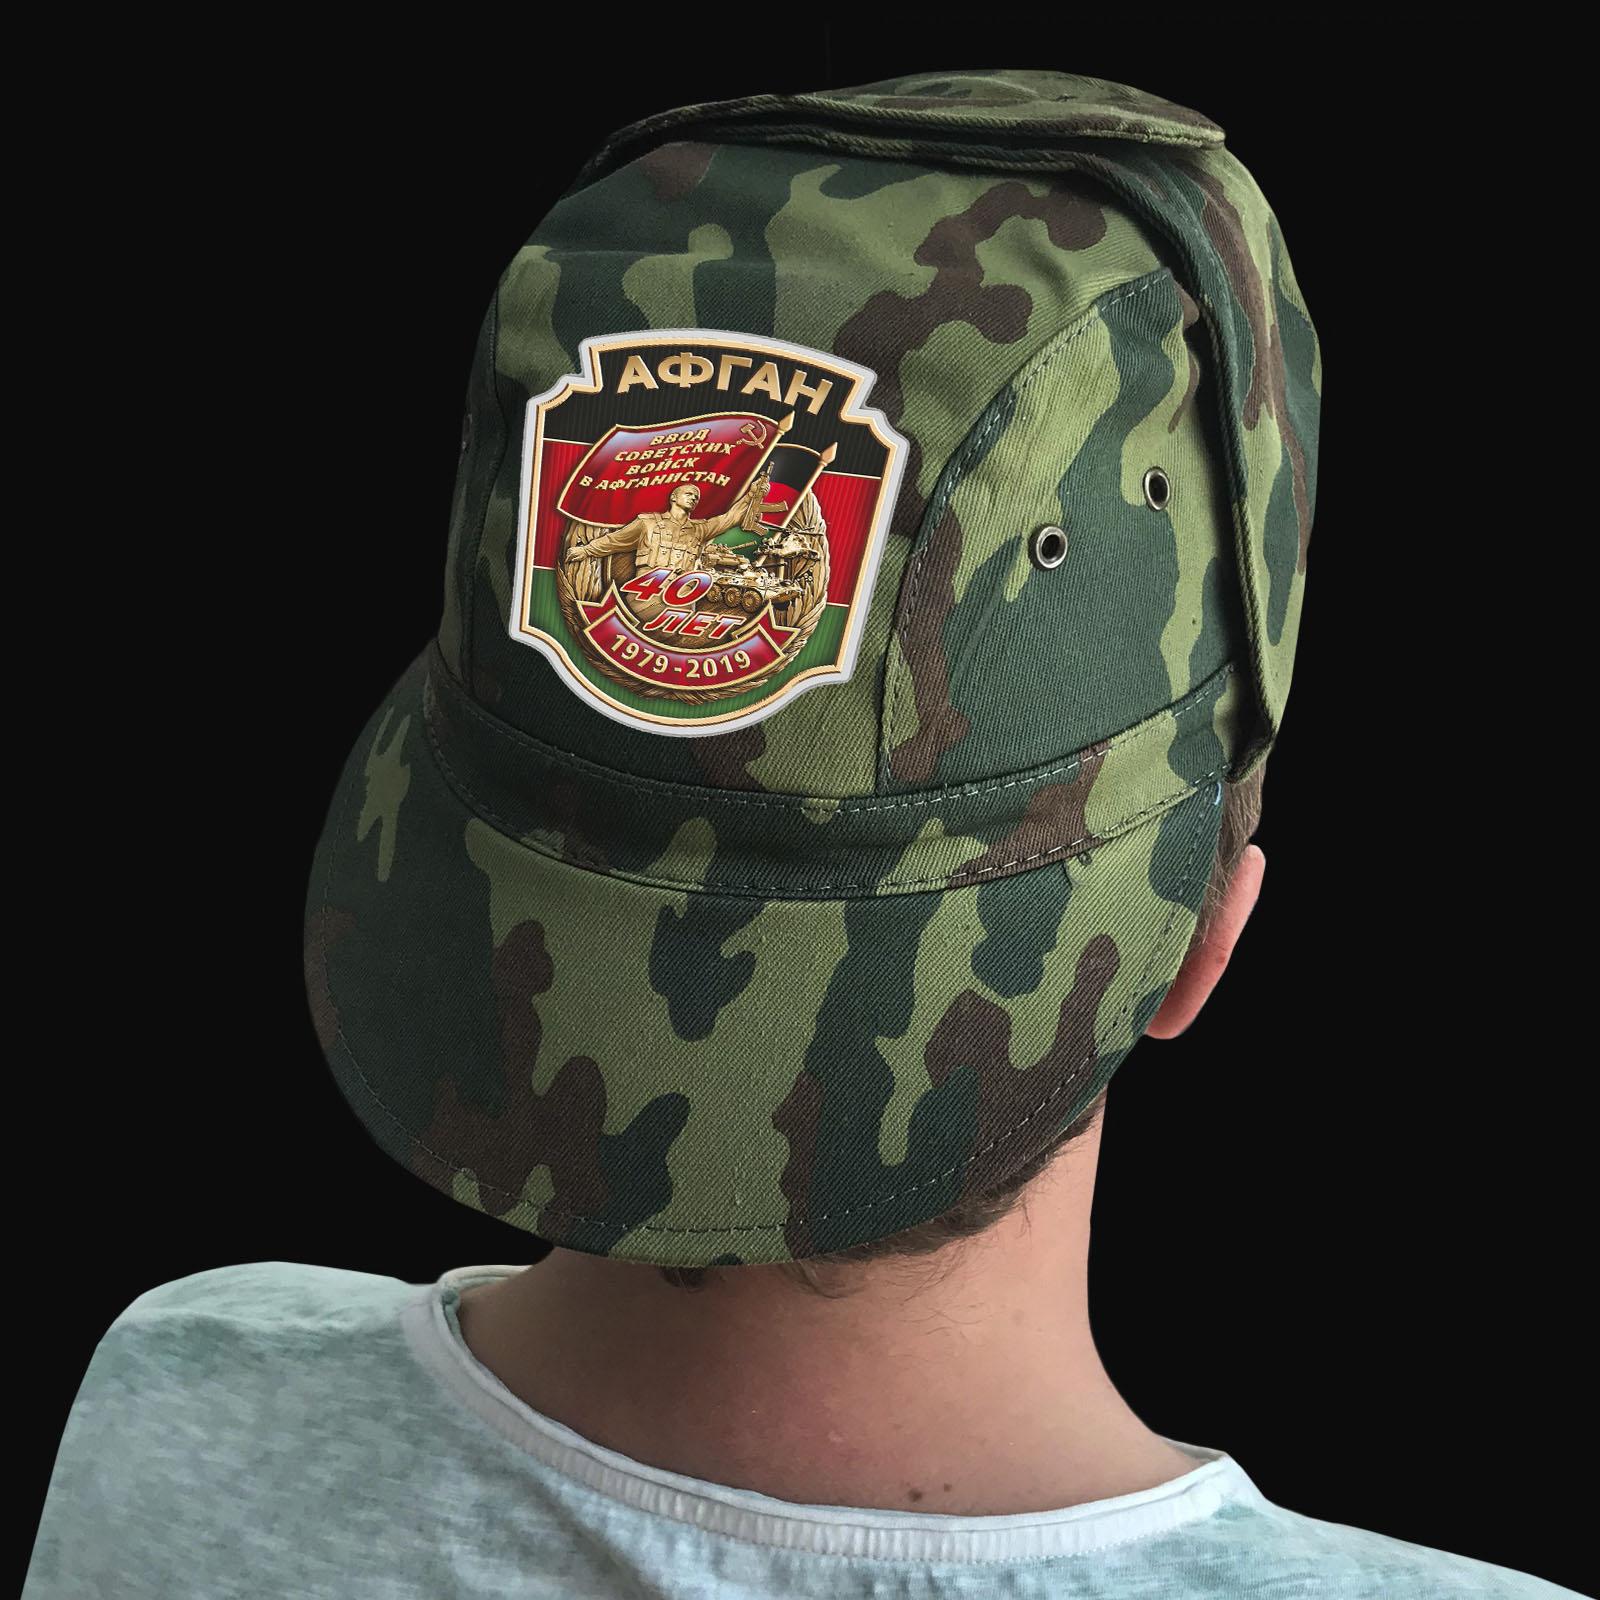 Купить защитную милитари-кепку с термонаклейкой Афган выгодно онлайн